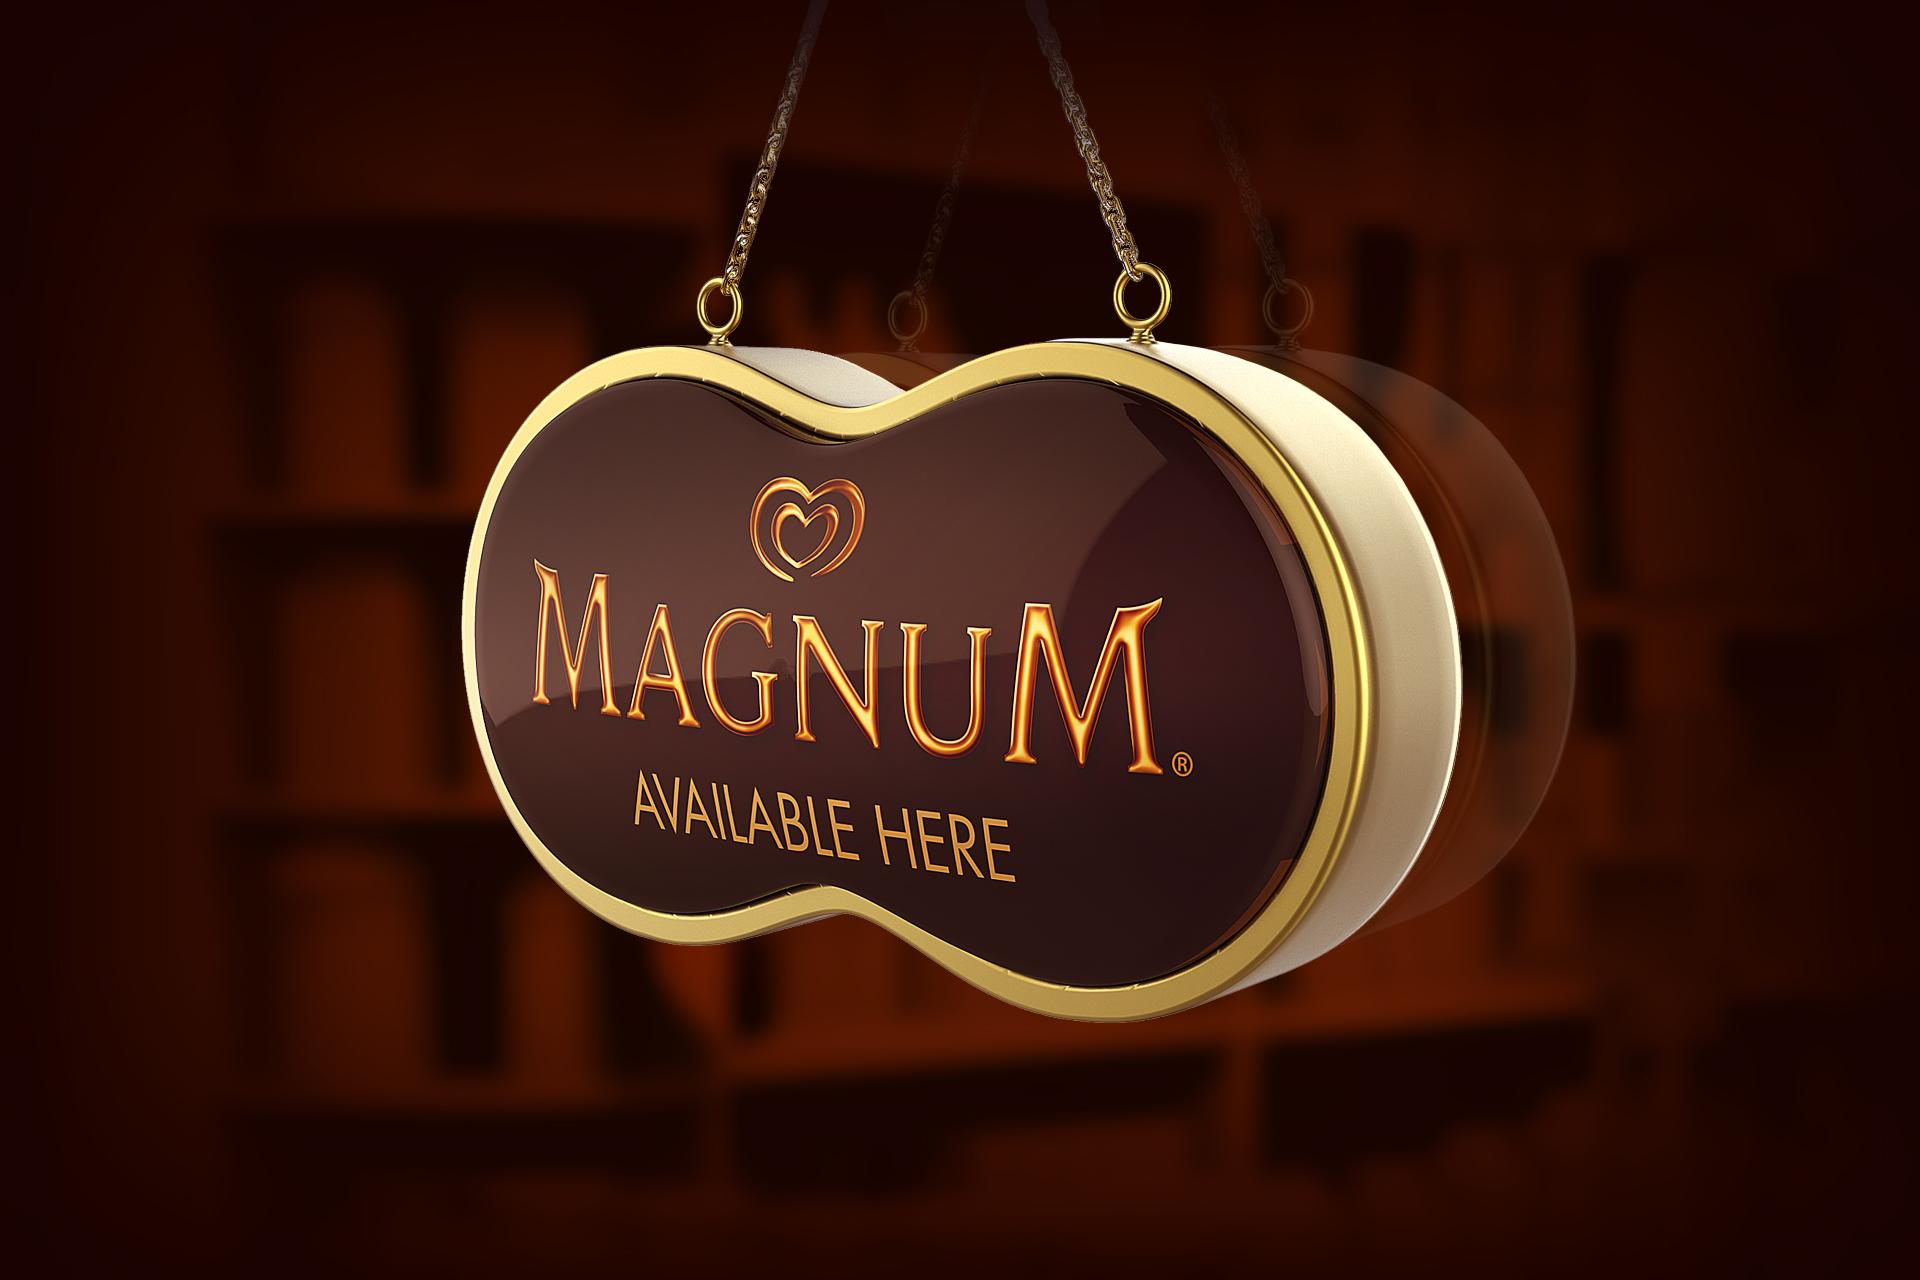 Magnum Ice Cream Retail Design - Signage